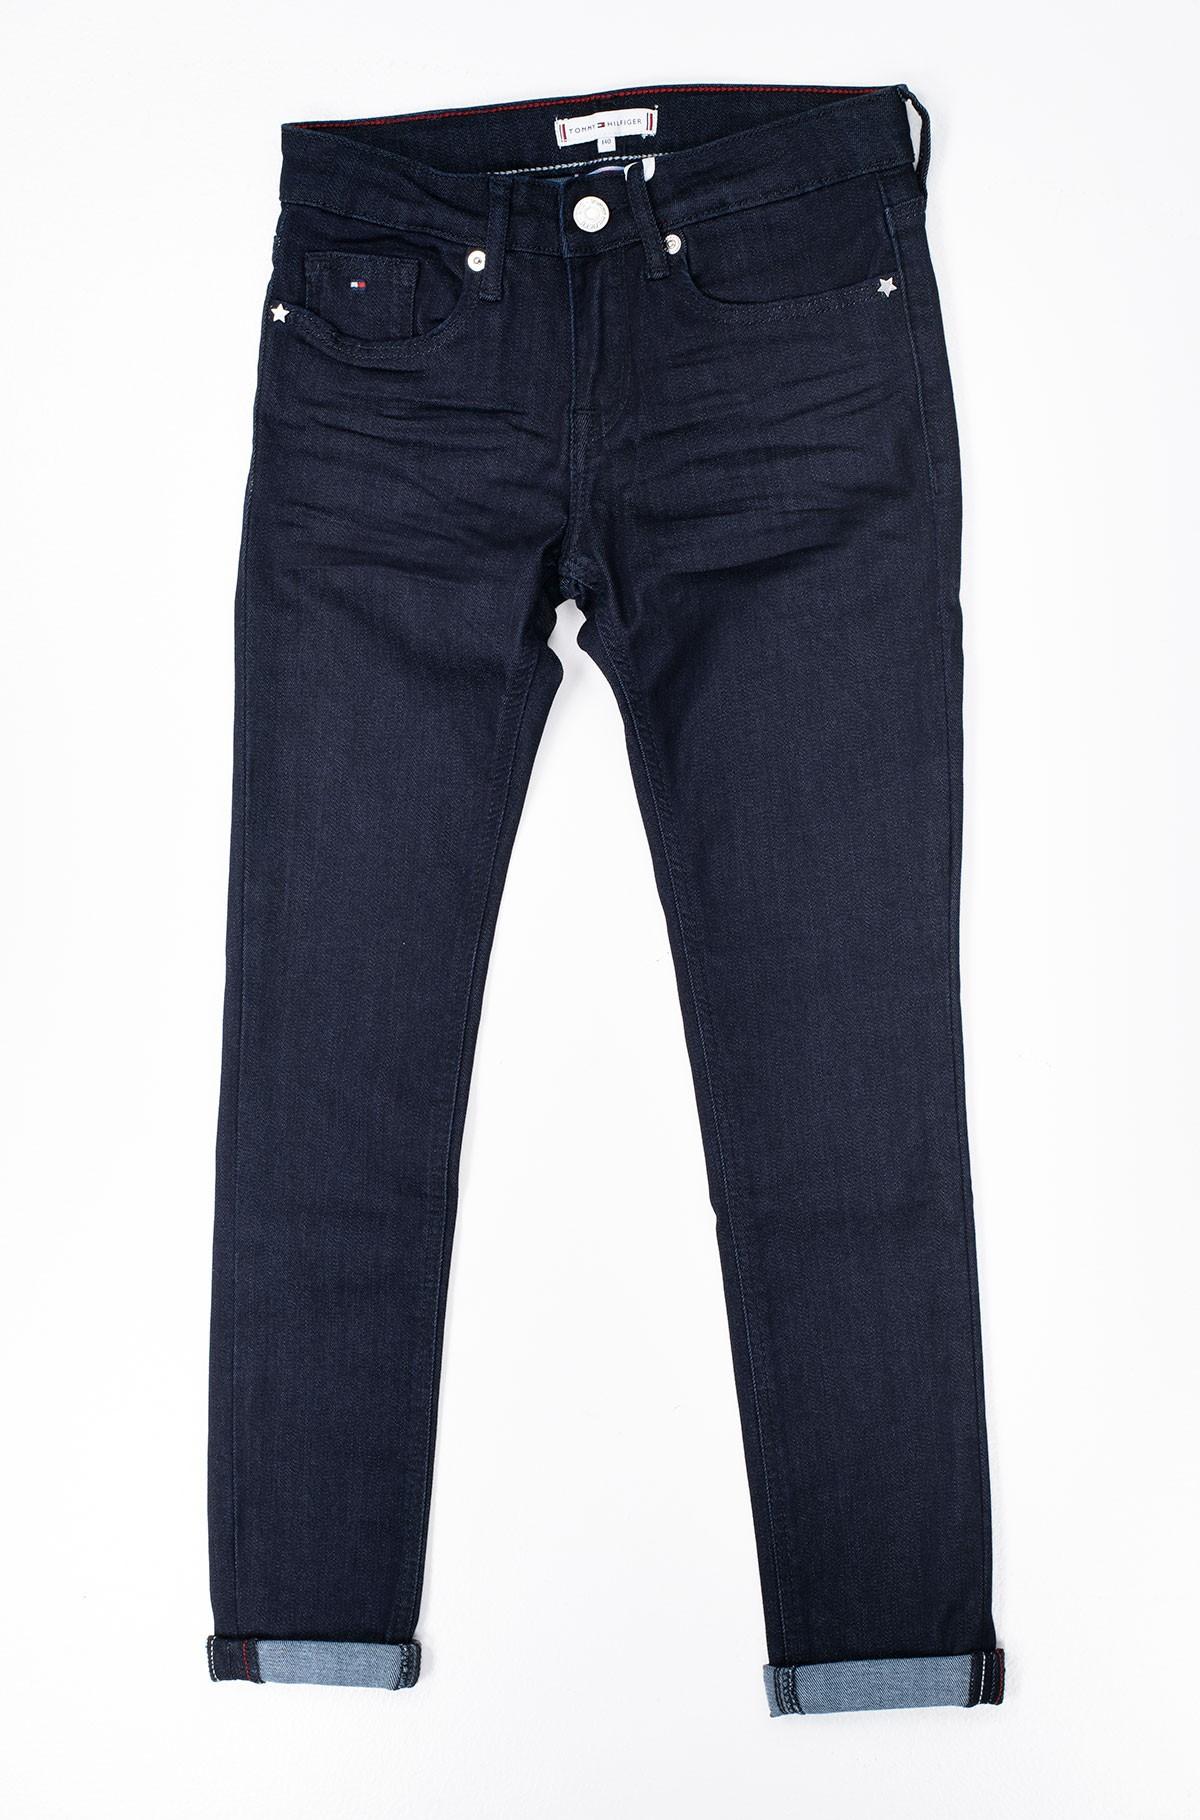 Vaikiškos džinsinės kelnės NORA SKINNY NARBST-full-1